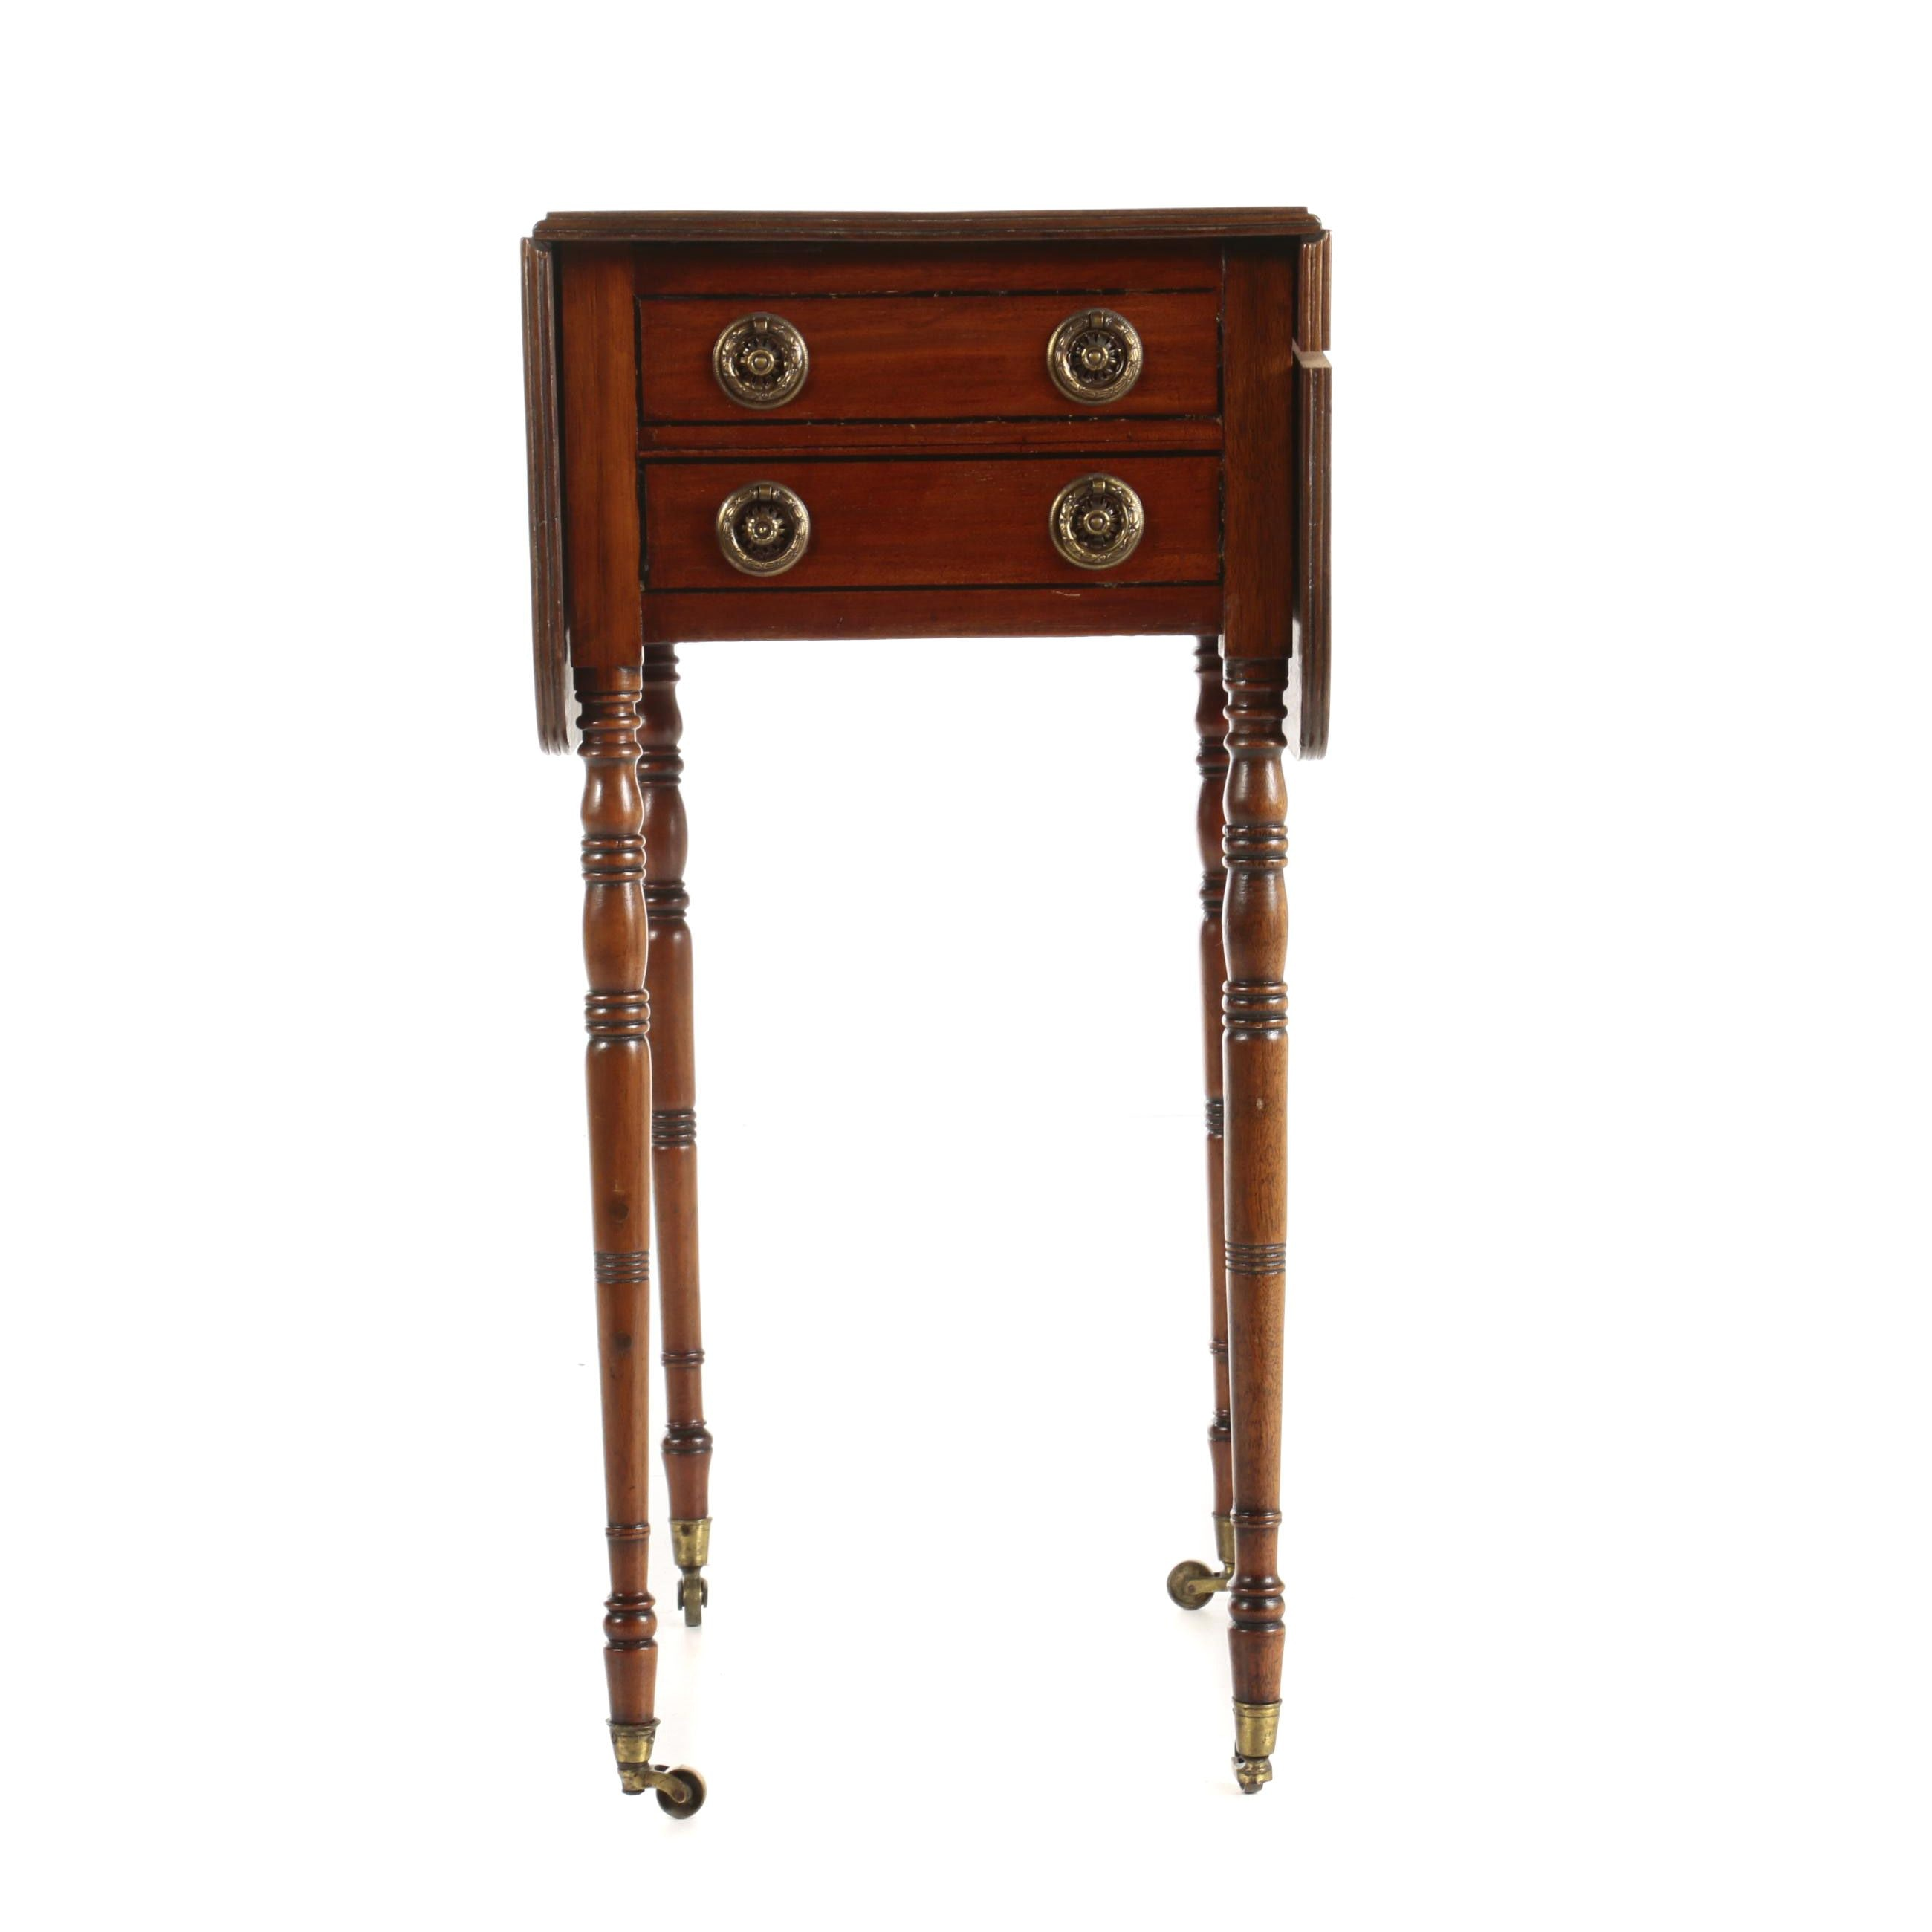 Regency Mahogany Pembroke Work Table, Early 19th Century